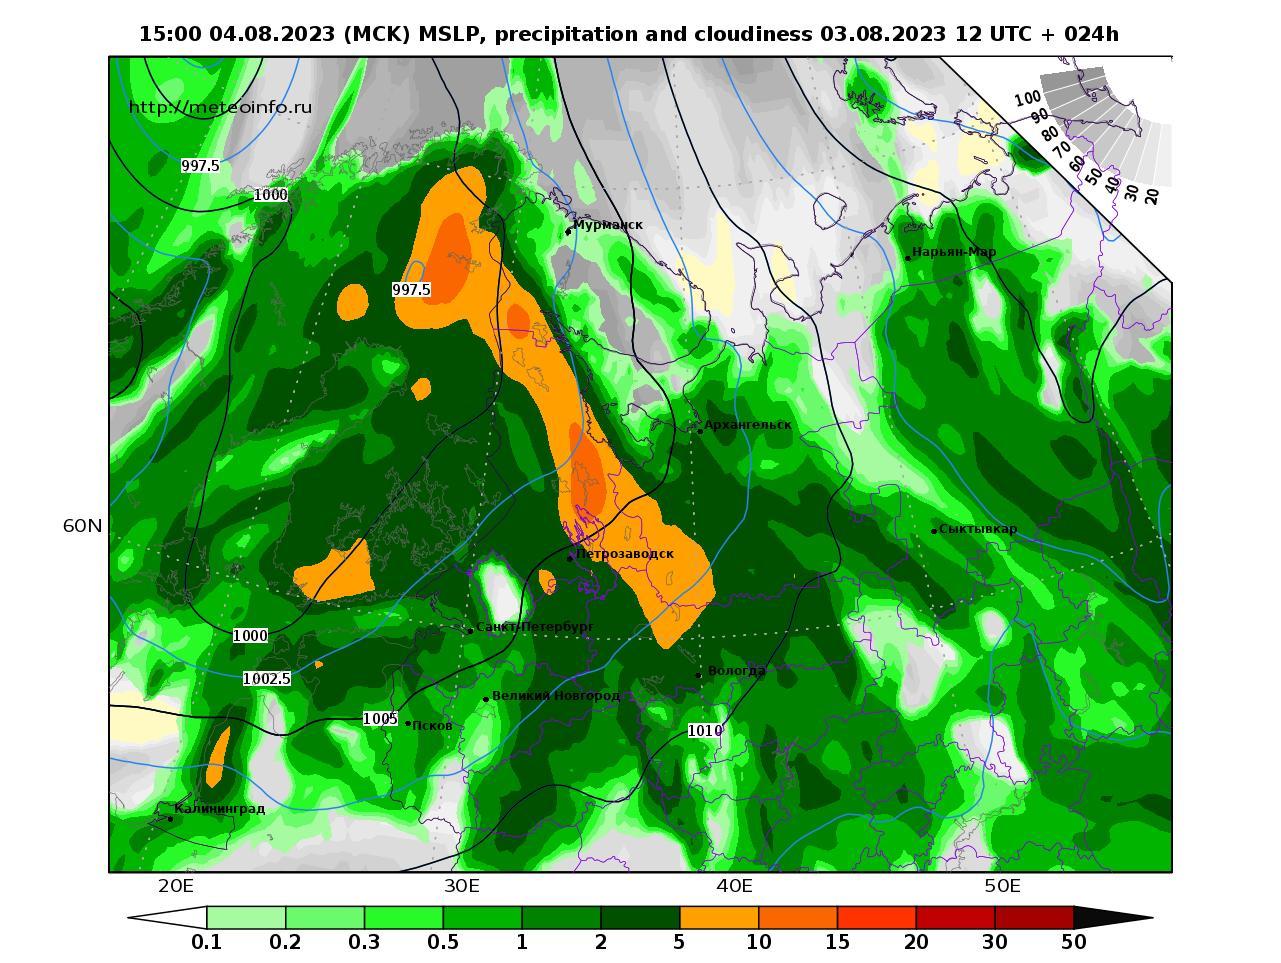 Северо-Западный Федеральный округ, прогностическая карта осадки и давление, заблаговременность прогноза 24 часа